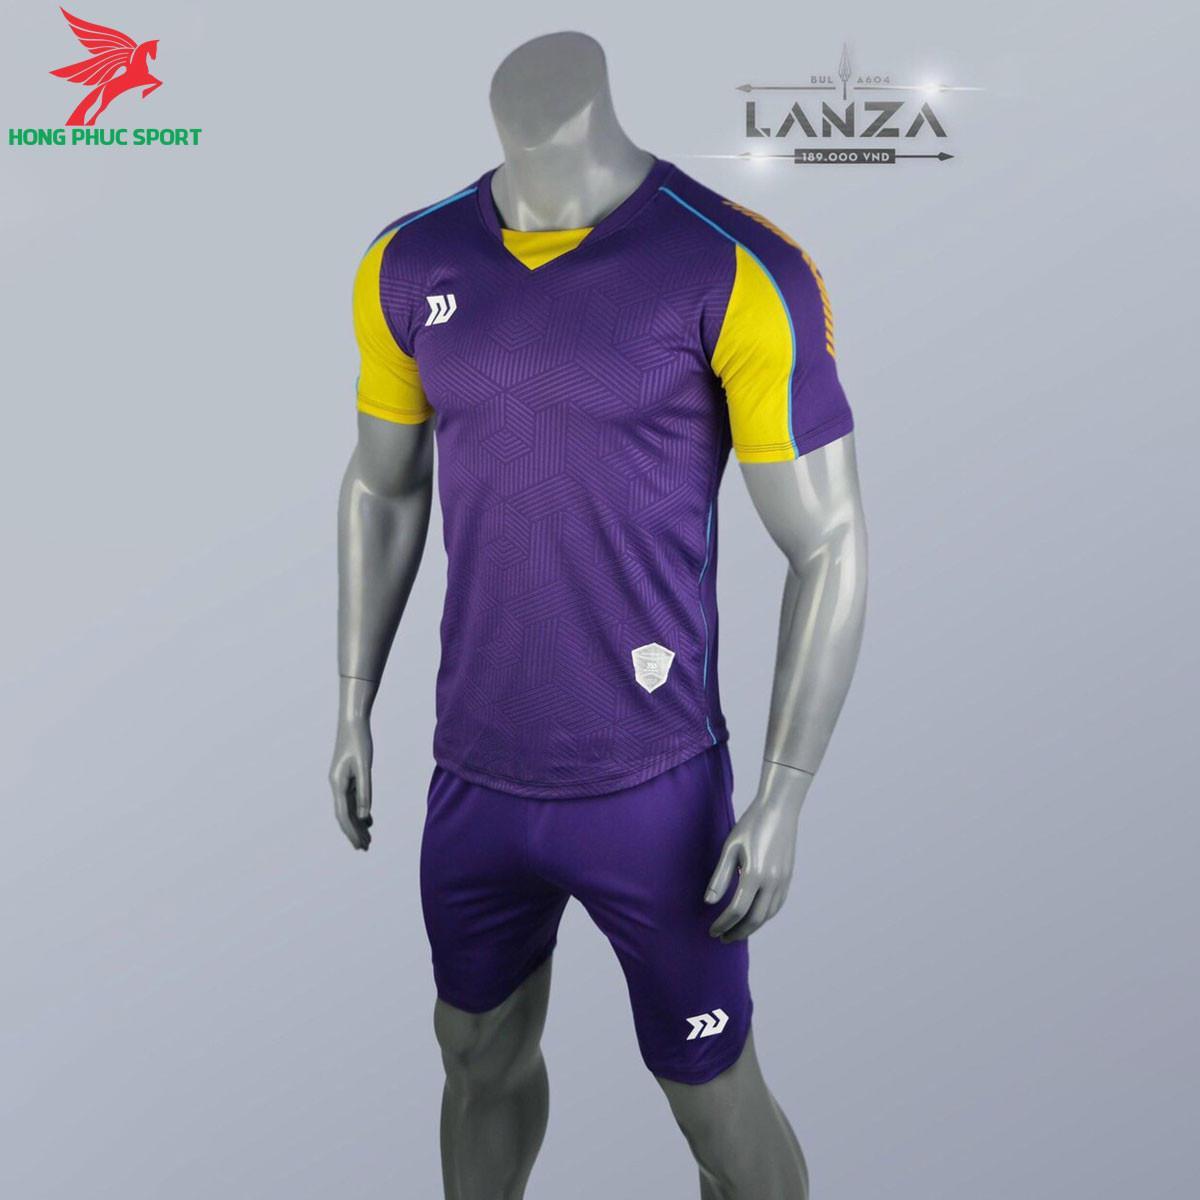 Áo đá banh không logo Bulbal Lanza 2021 màu Tím